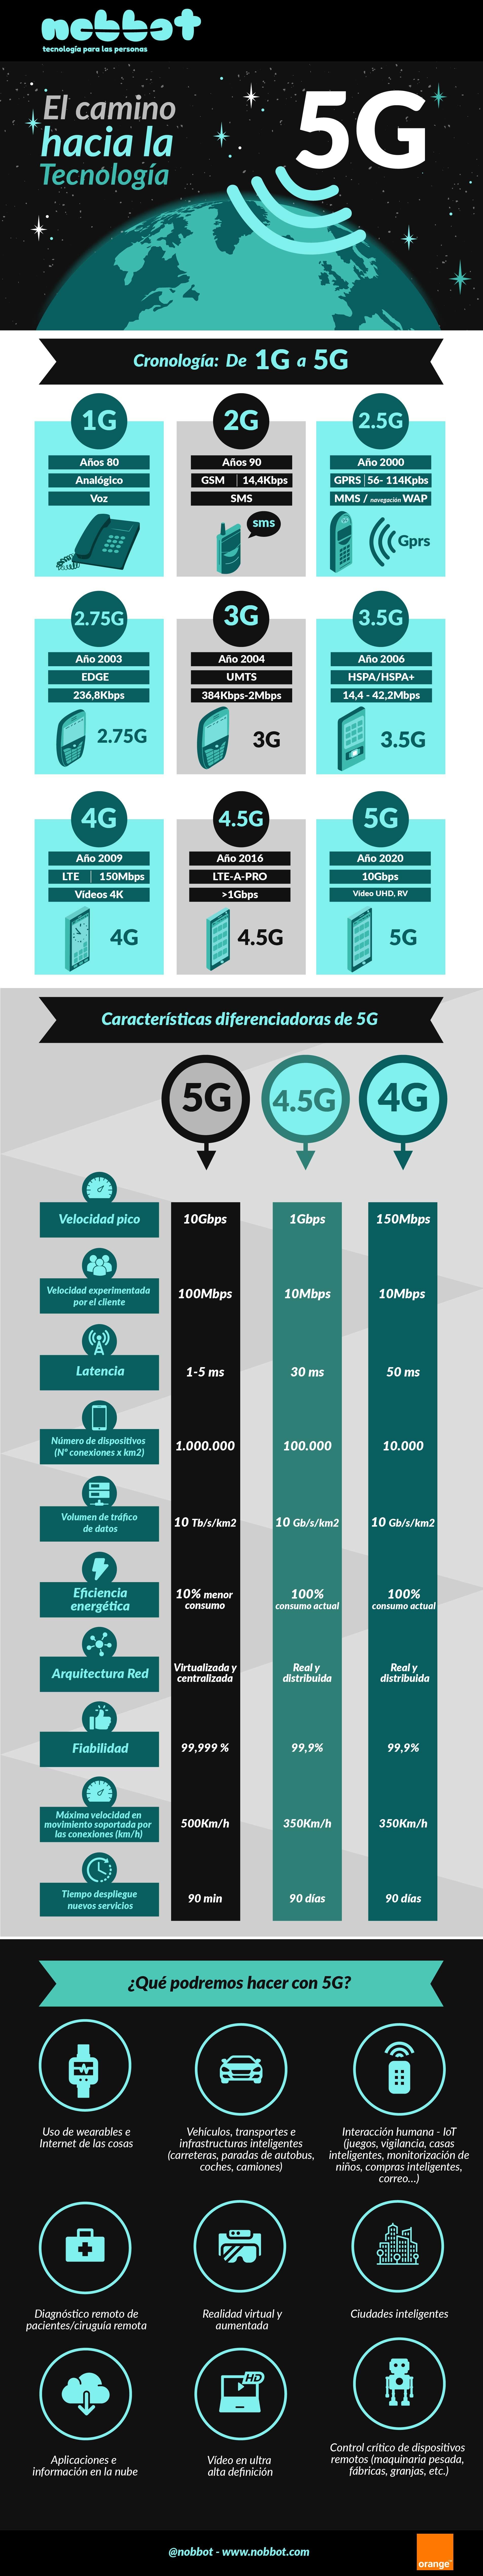 Infografía 5G, el punto G de las telecomunicaciones del futuro